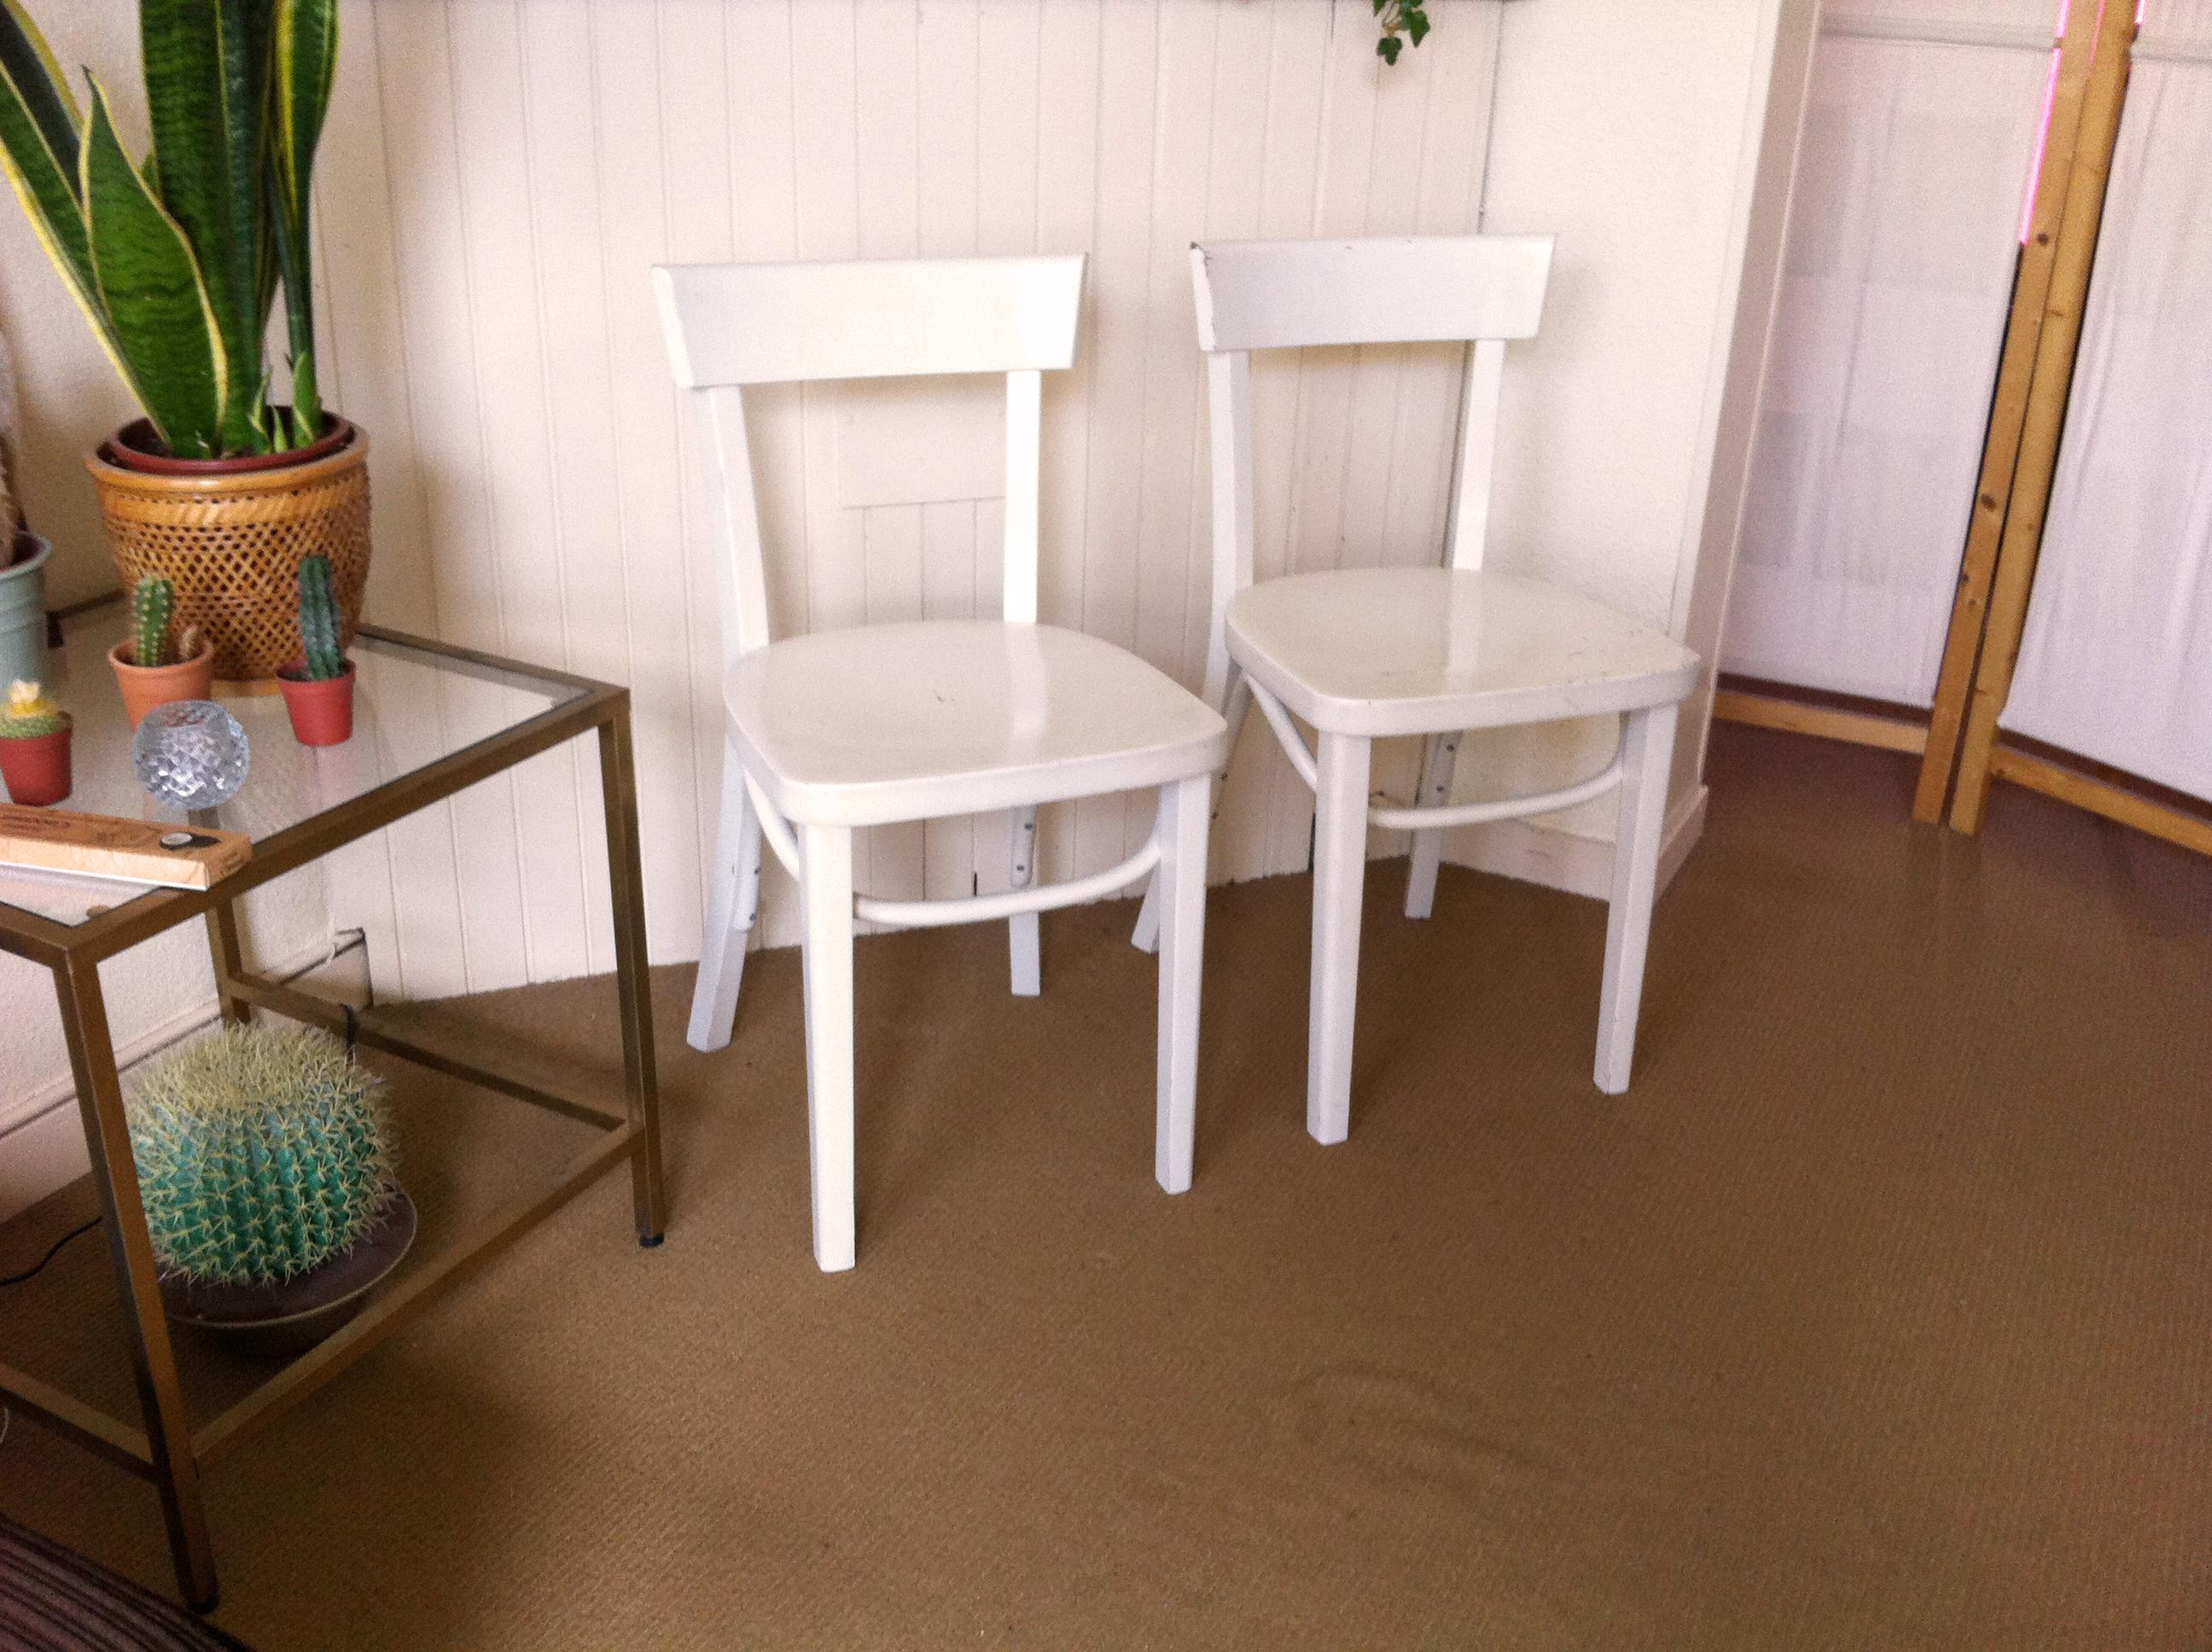 De wit stoelen tweedehands awesome bruno houssin tidjou design